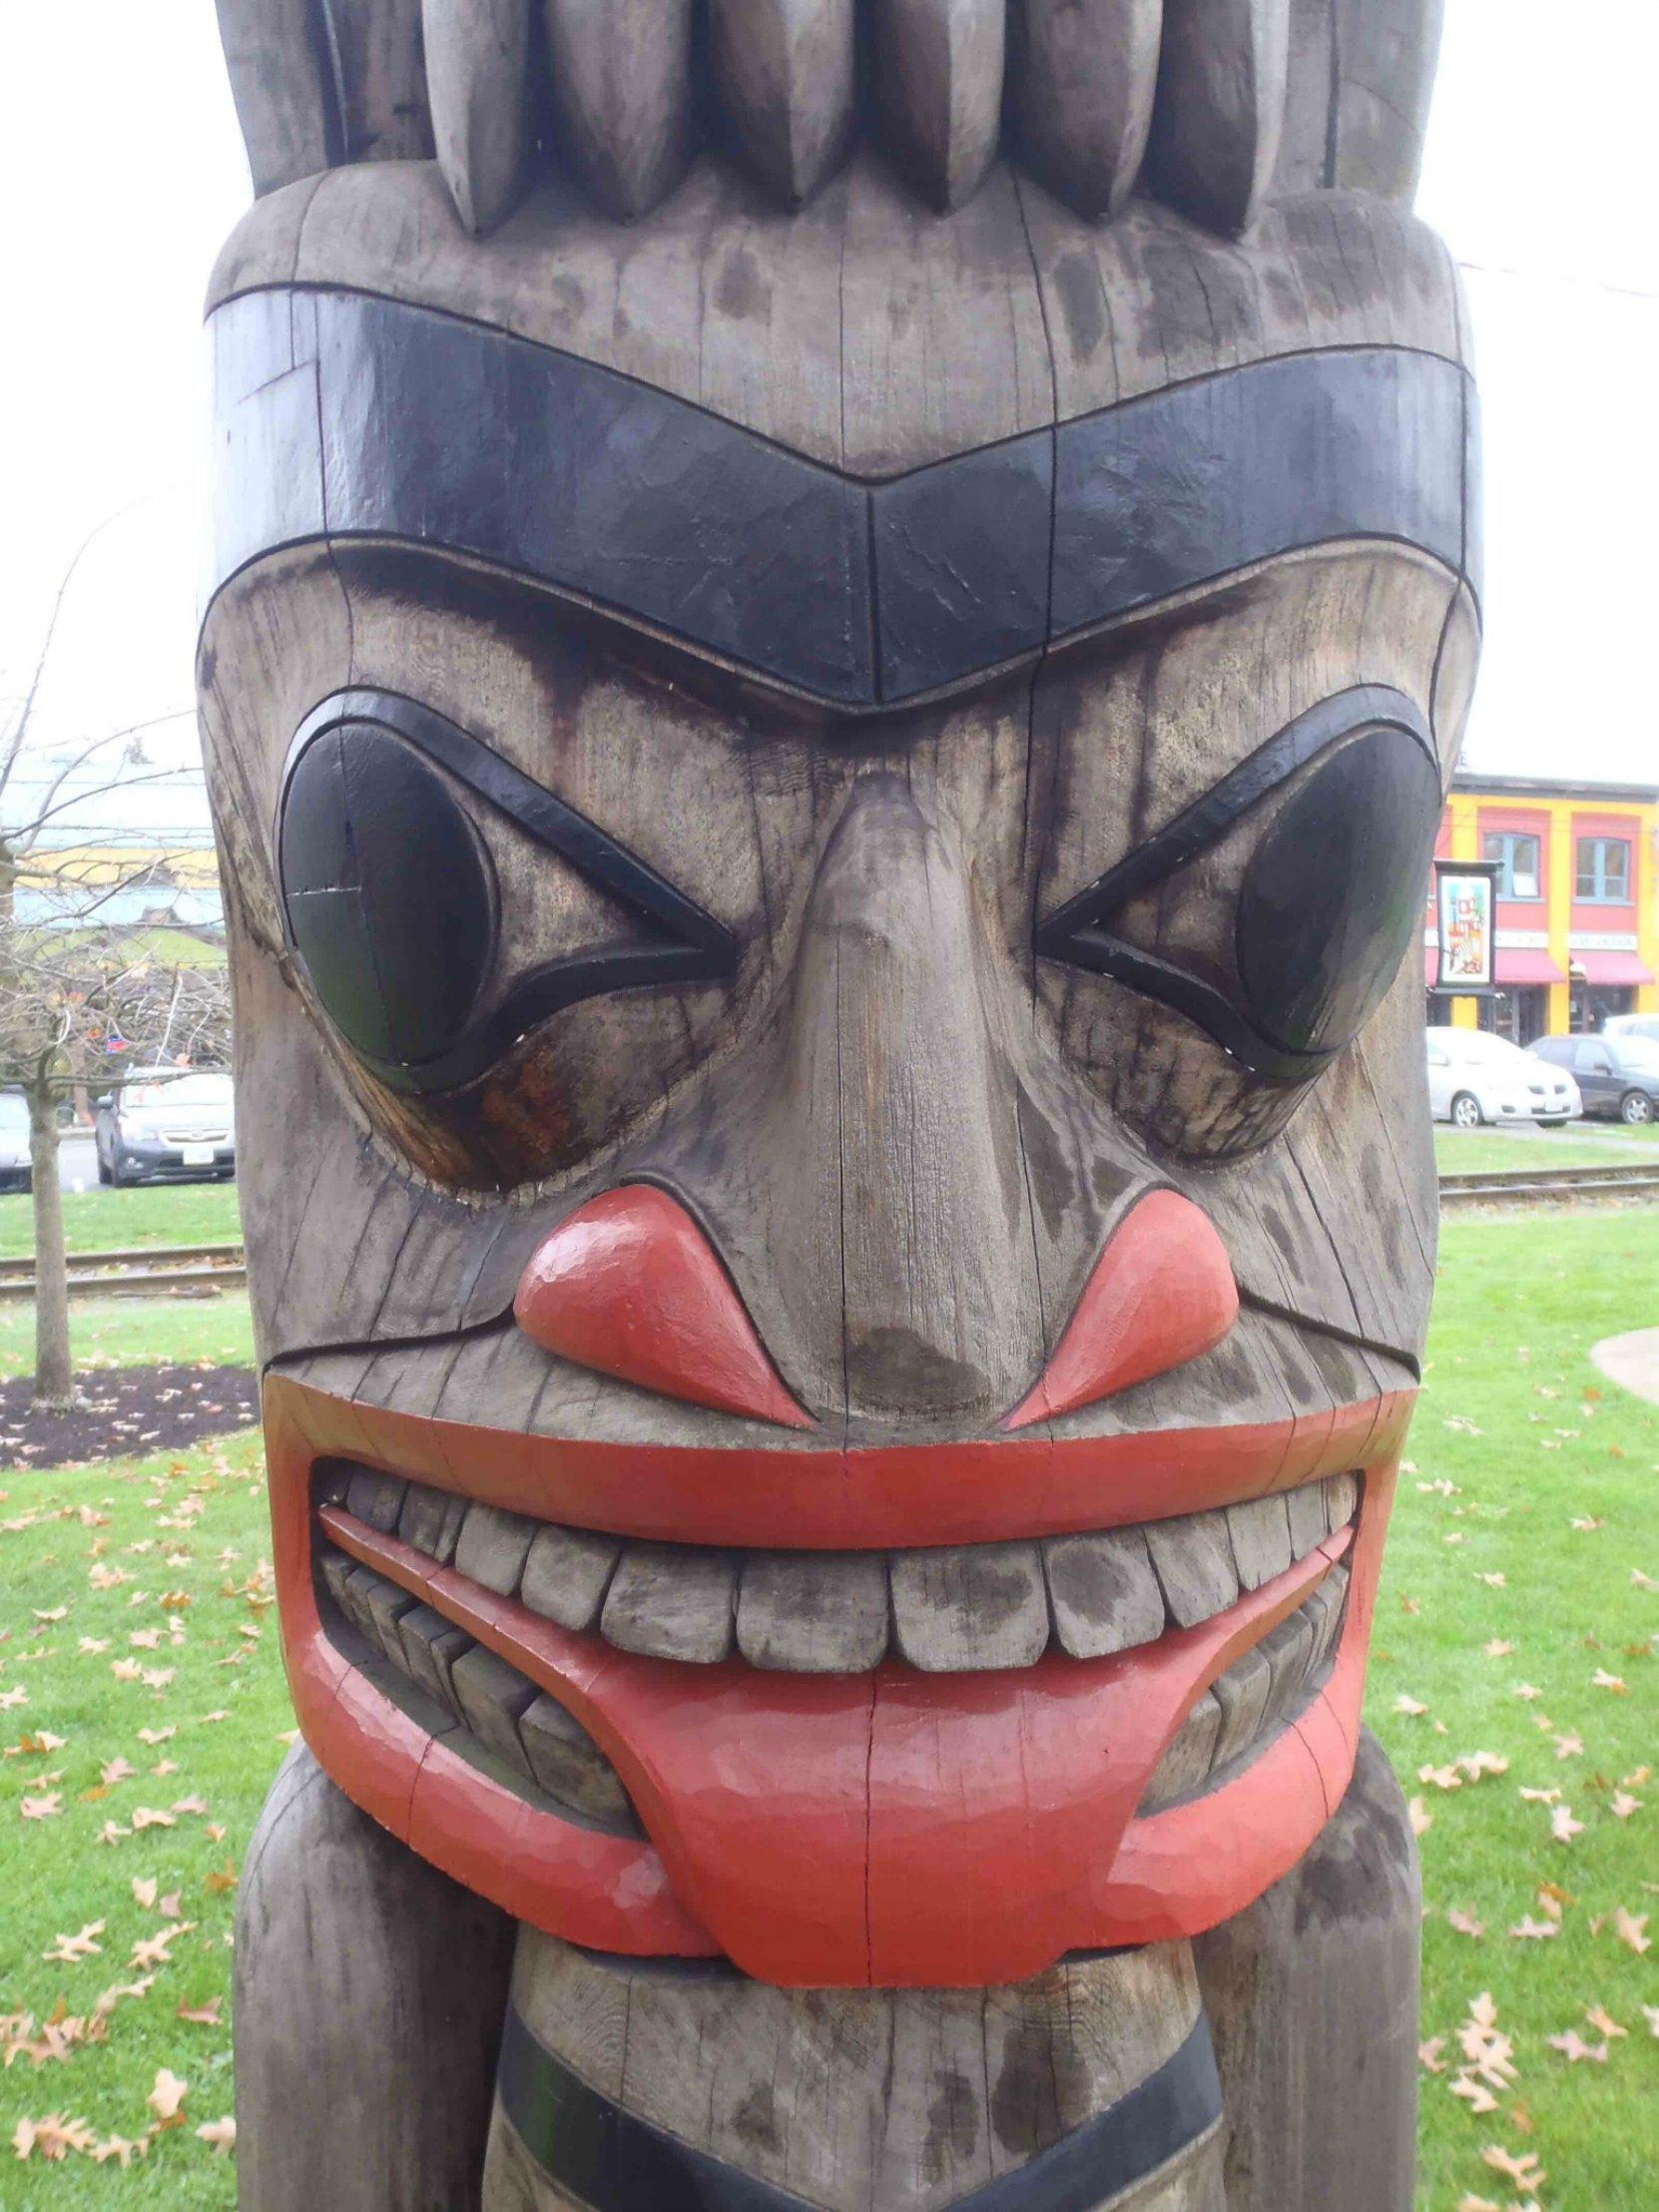 Owl Pole, Bear figure, Charles Hoey Park, Canada Avenue, Duncan, B.C.